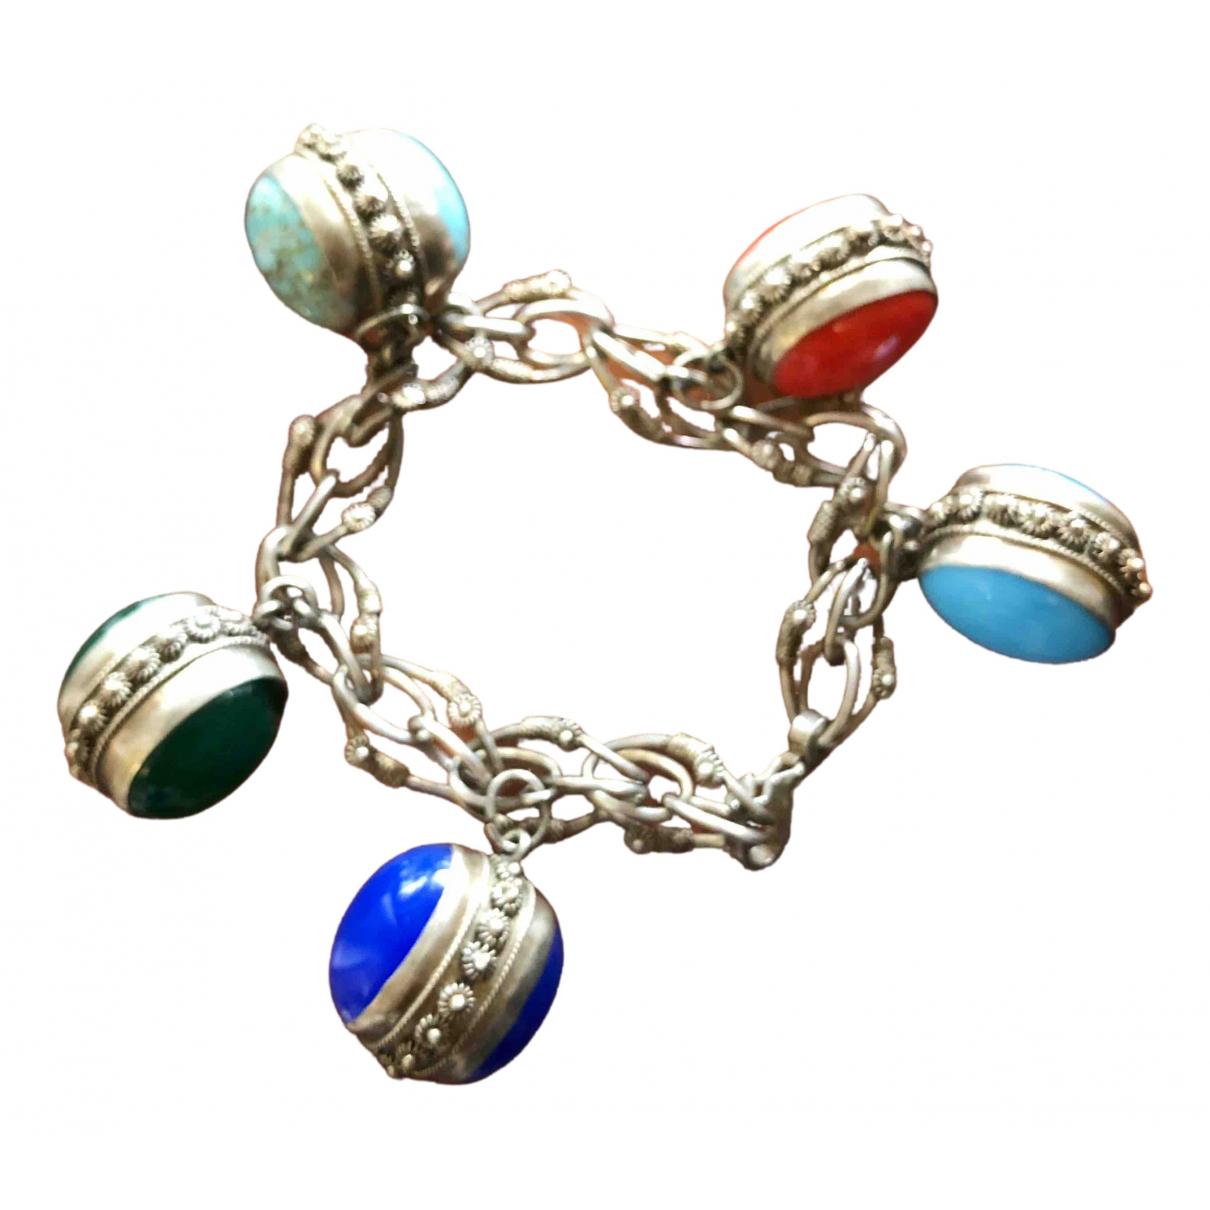 - Bracelet Chaines pour femme en argent - argente